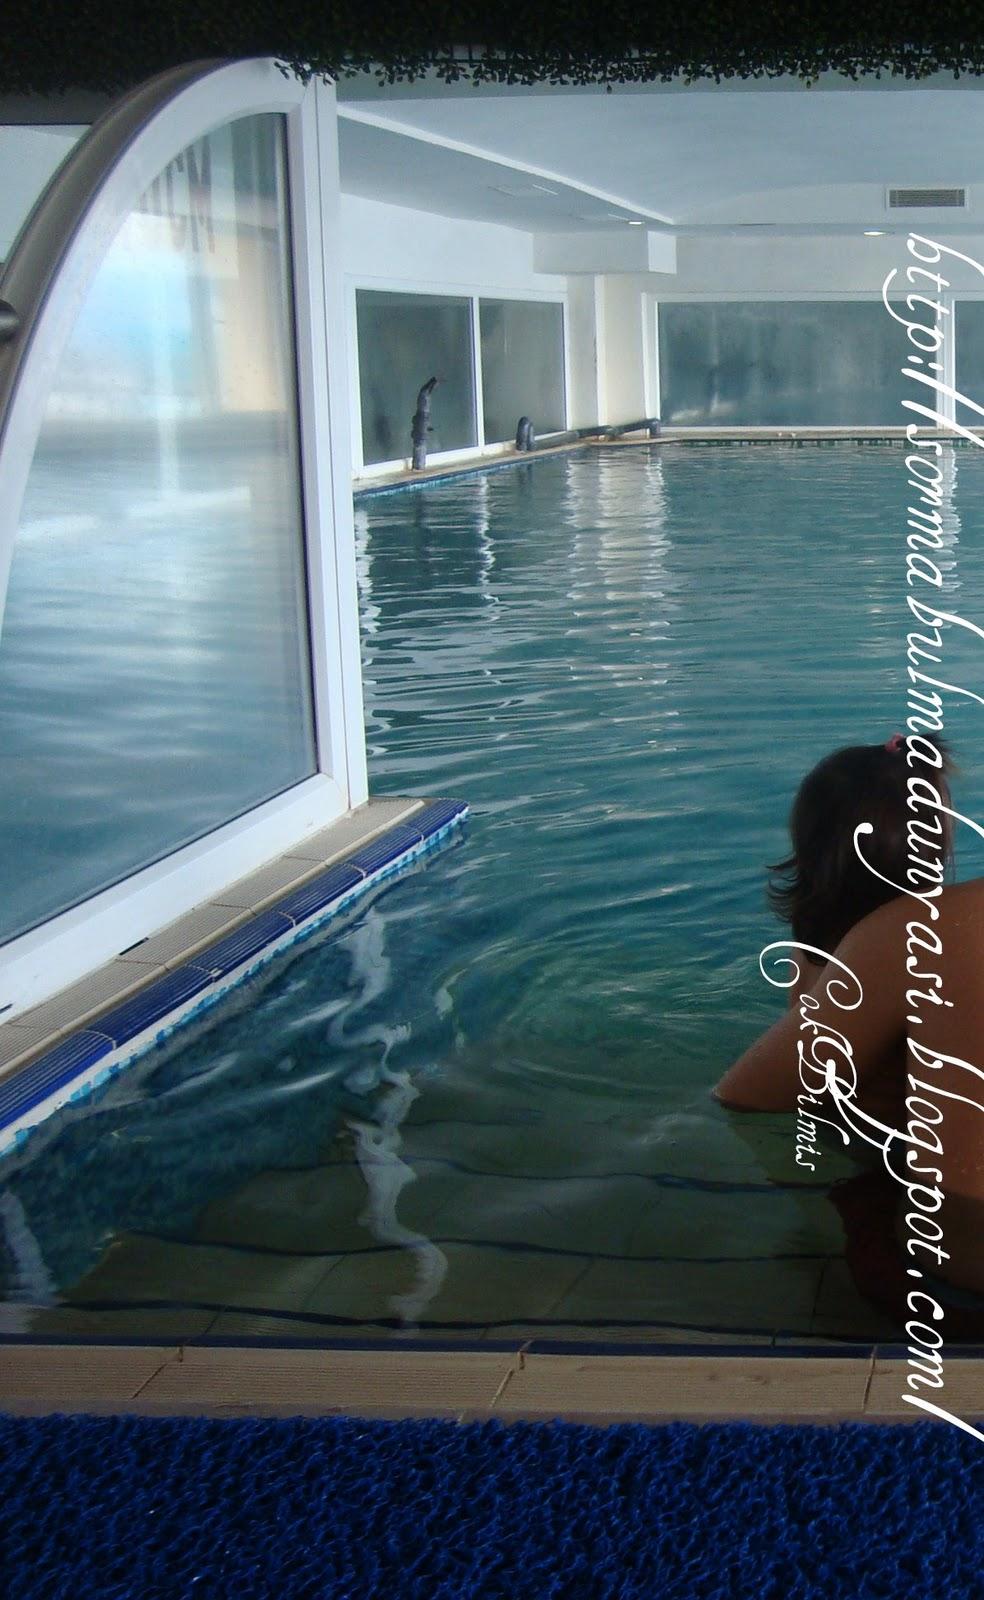 Çocuk bornozları için havuz. Doğru olanı nasıl seçeceğim